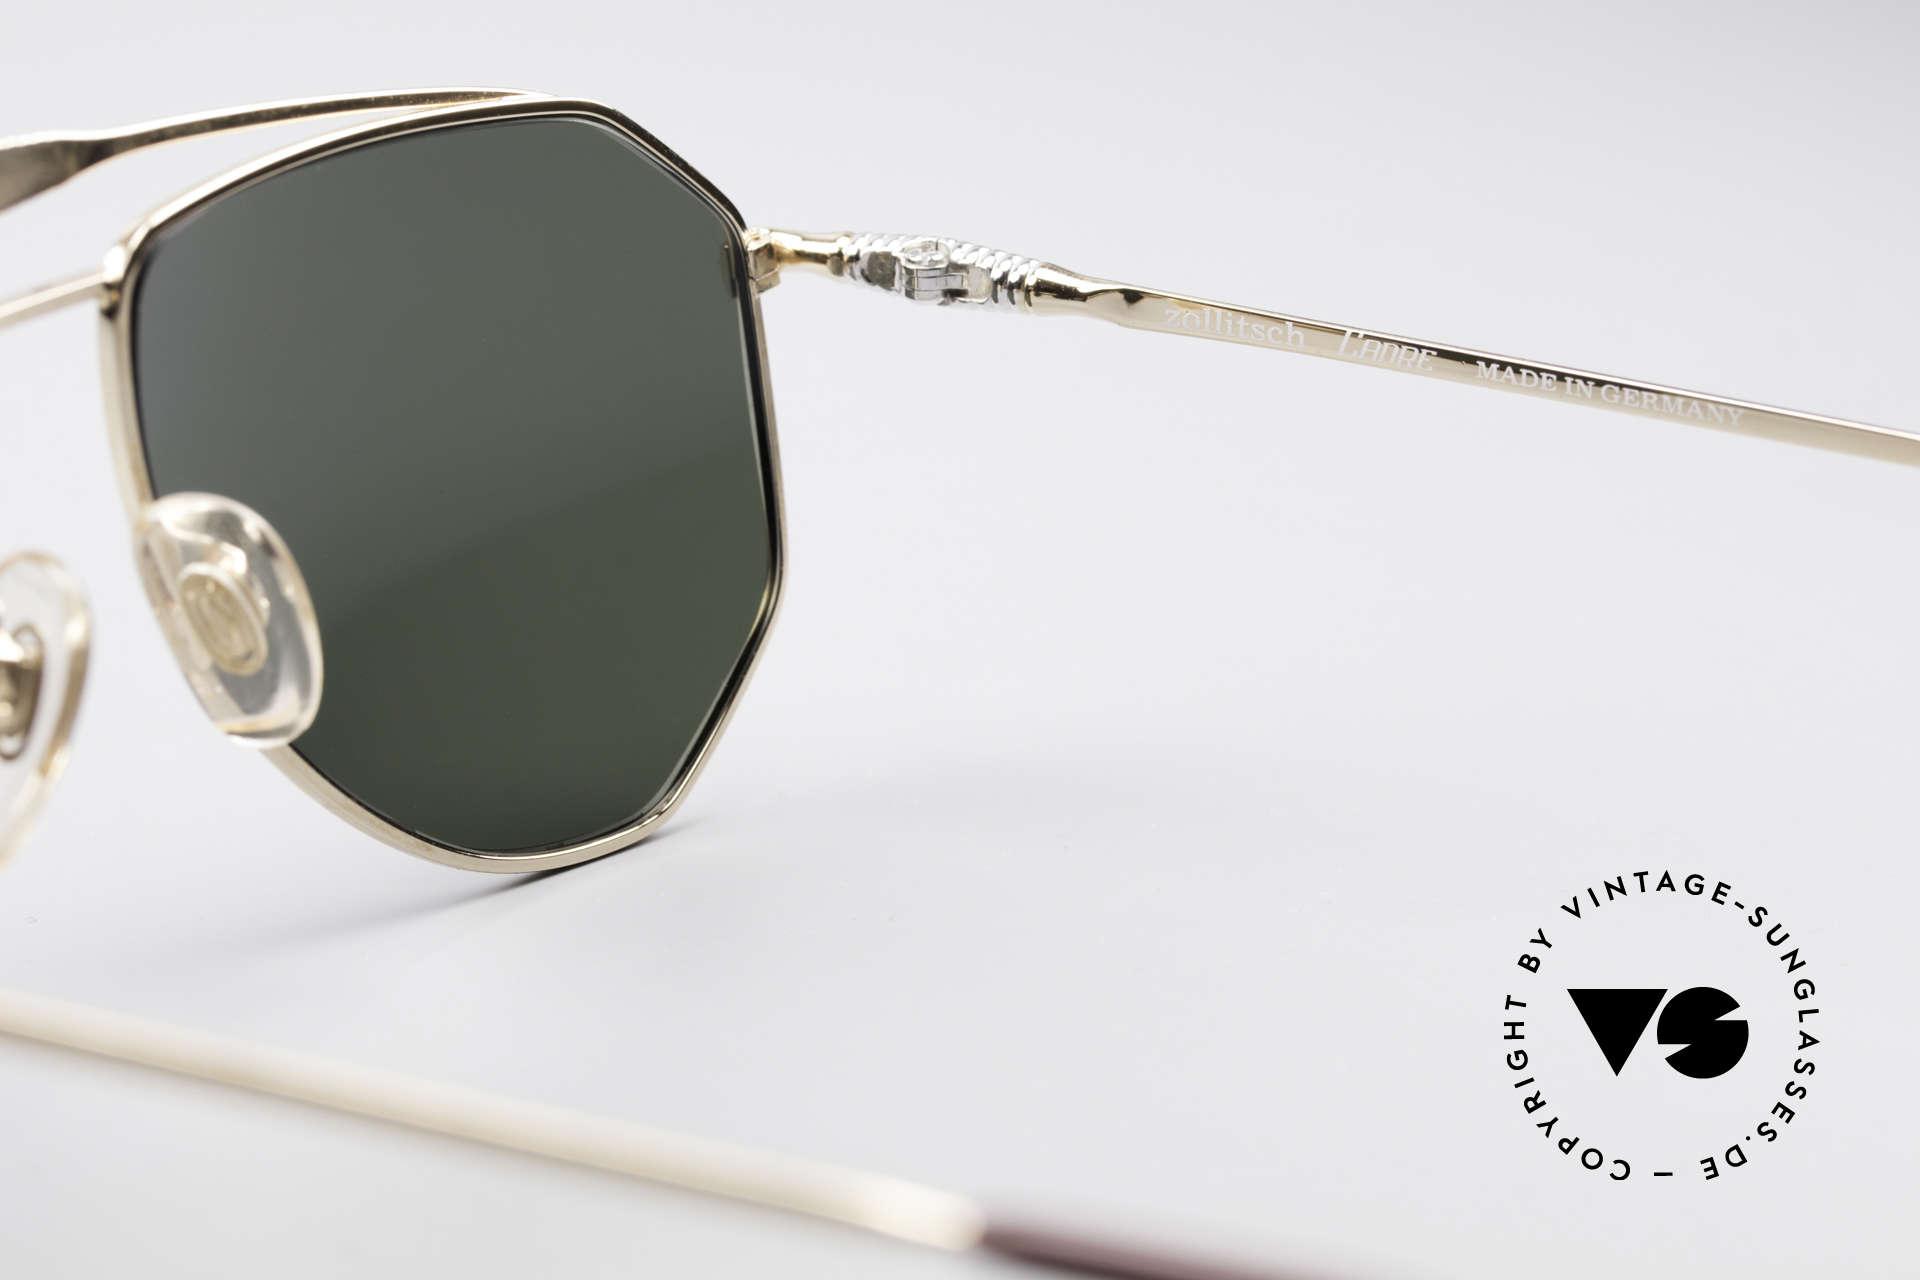 Zollitsch Cadre 120 Medium Piloten Sonnenbrille, Größe: medium, Passend für Herren